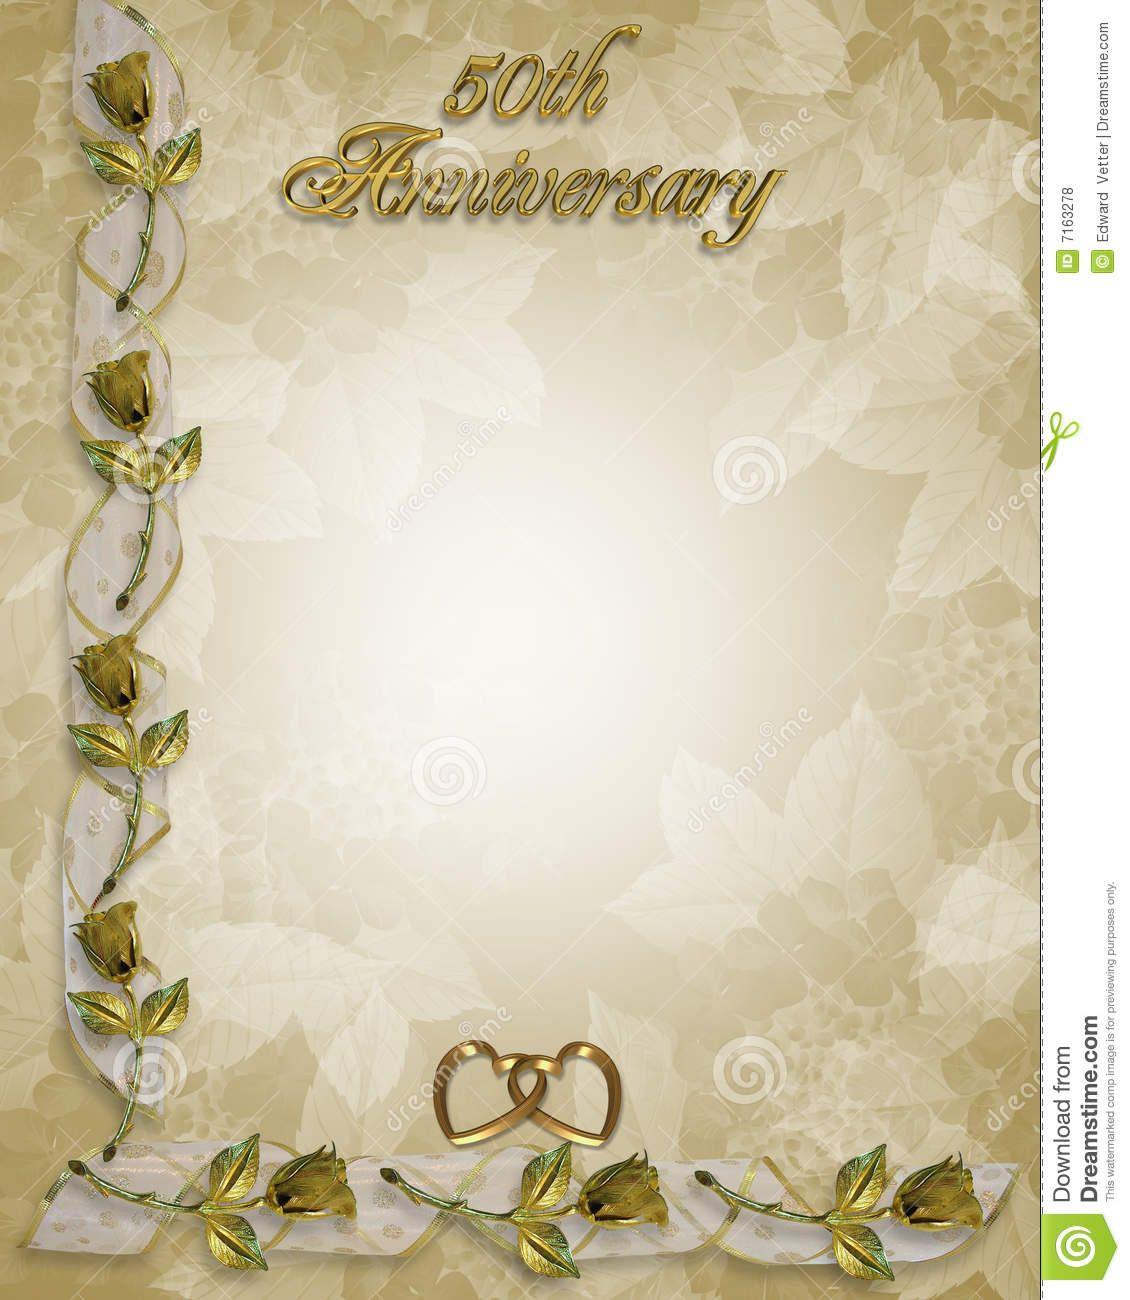 50th wedding anniversary 50th Wedding anniversary invitation border frame